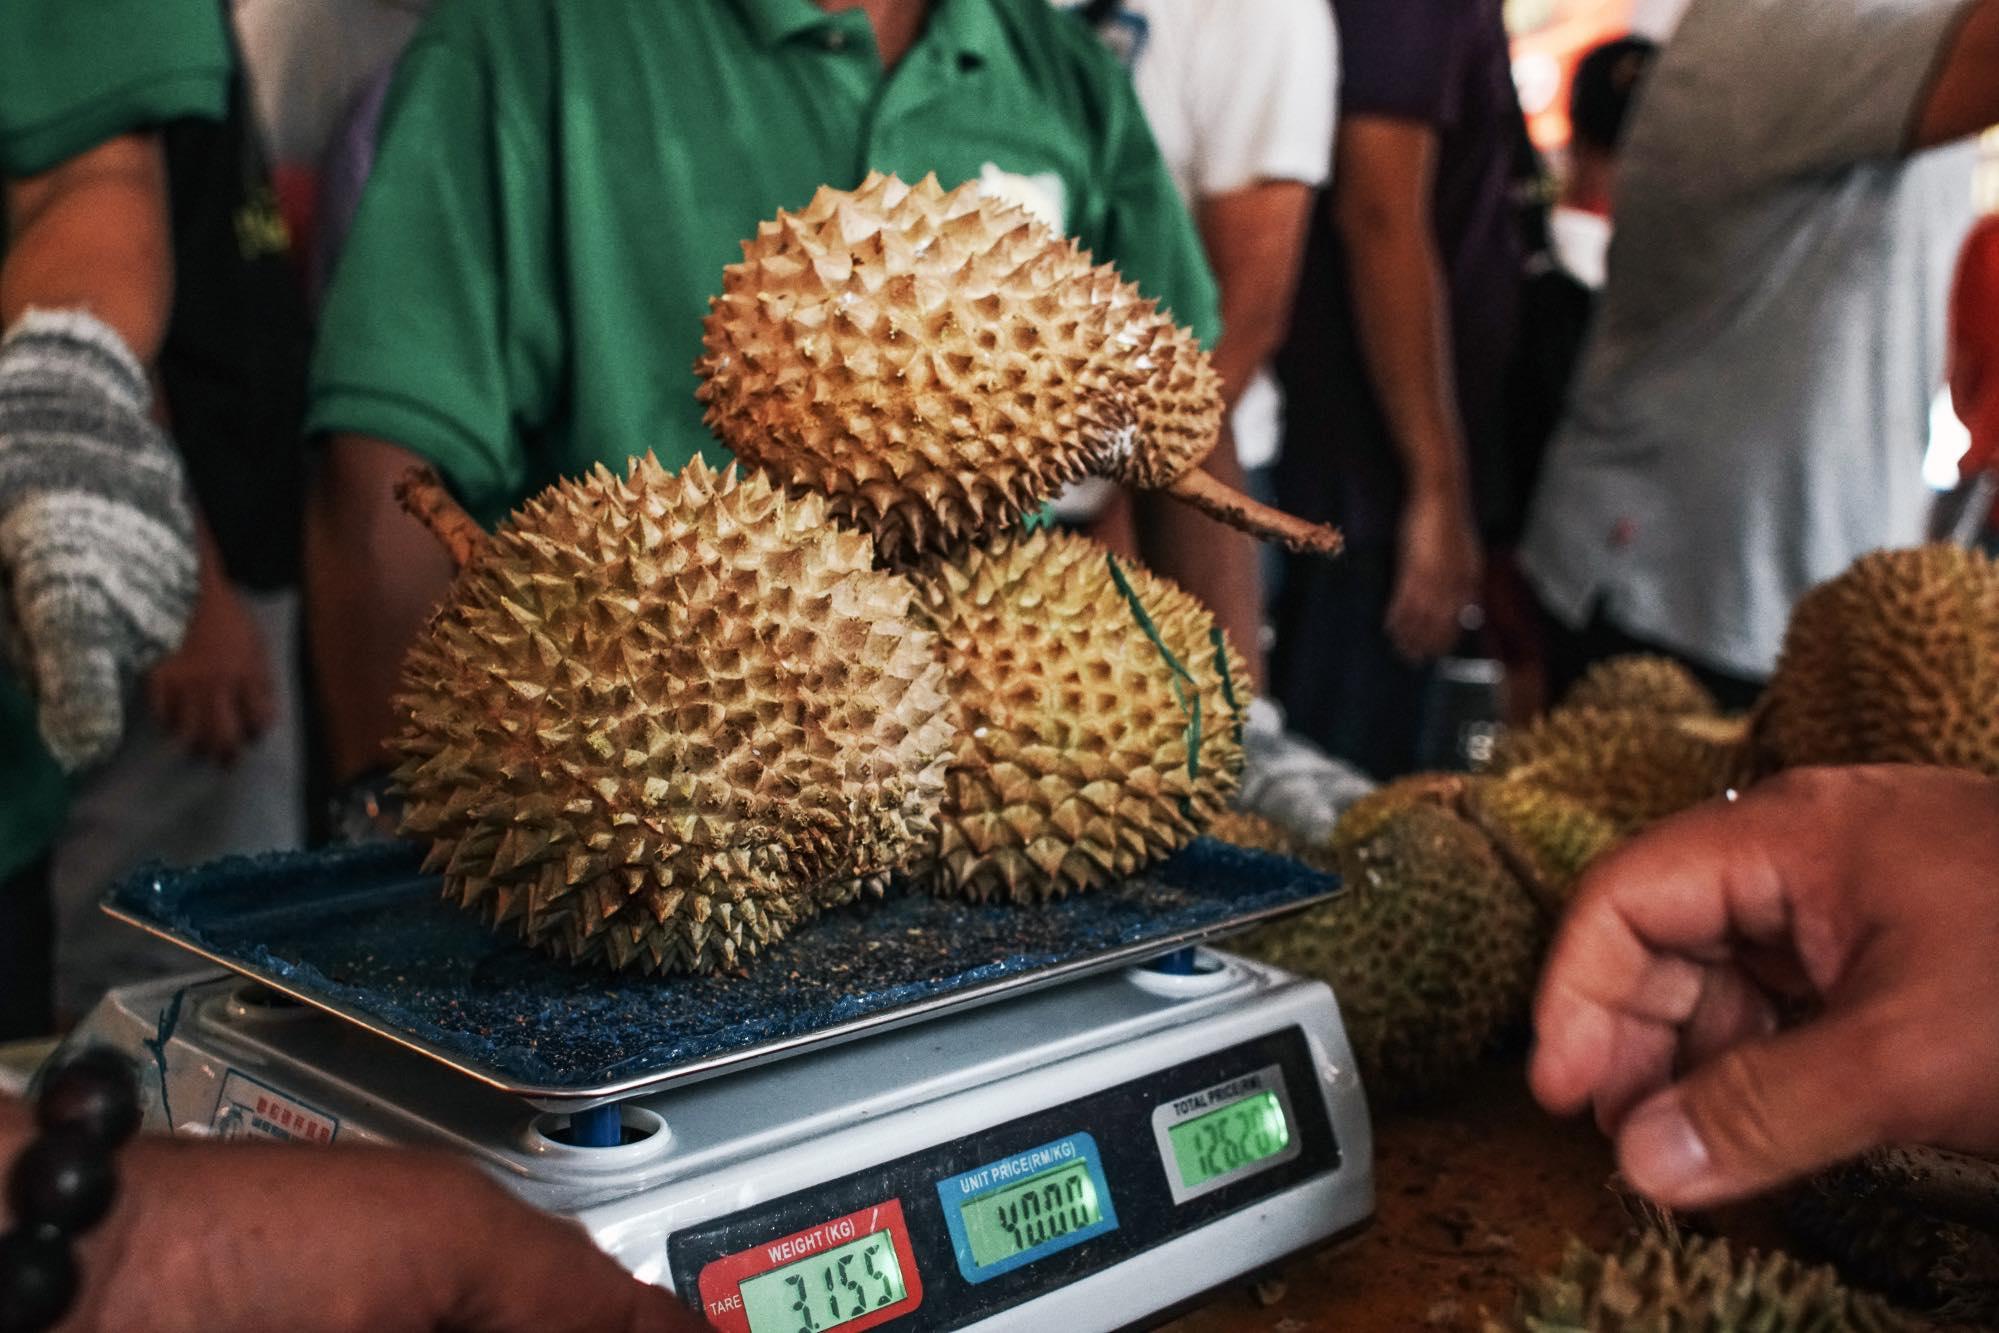 Cân bán sầu riêng  Musang King tại Malaysia International Durian Festival. Ảnhh: Bloomberg.